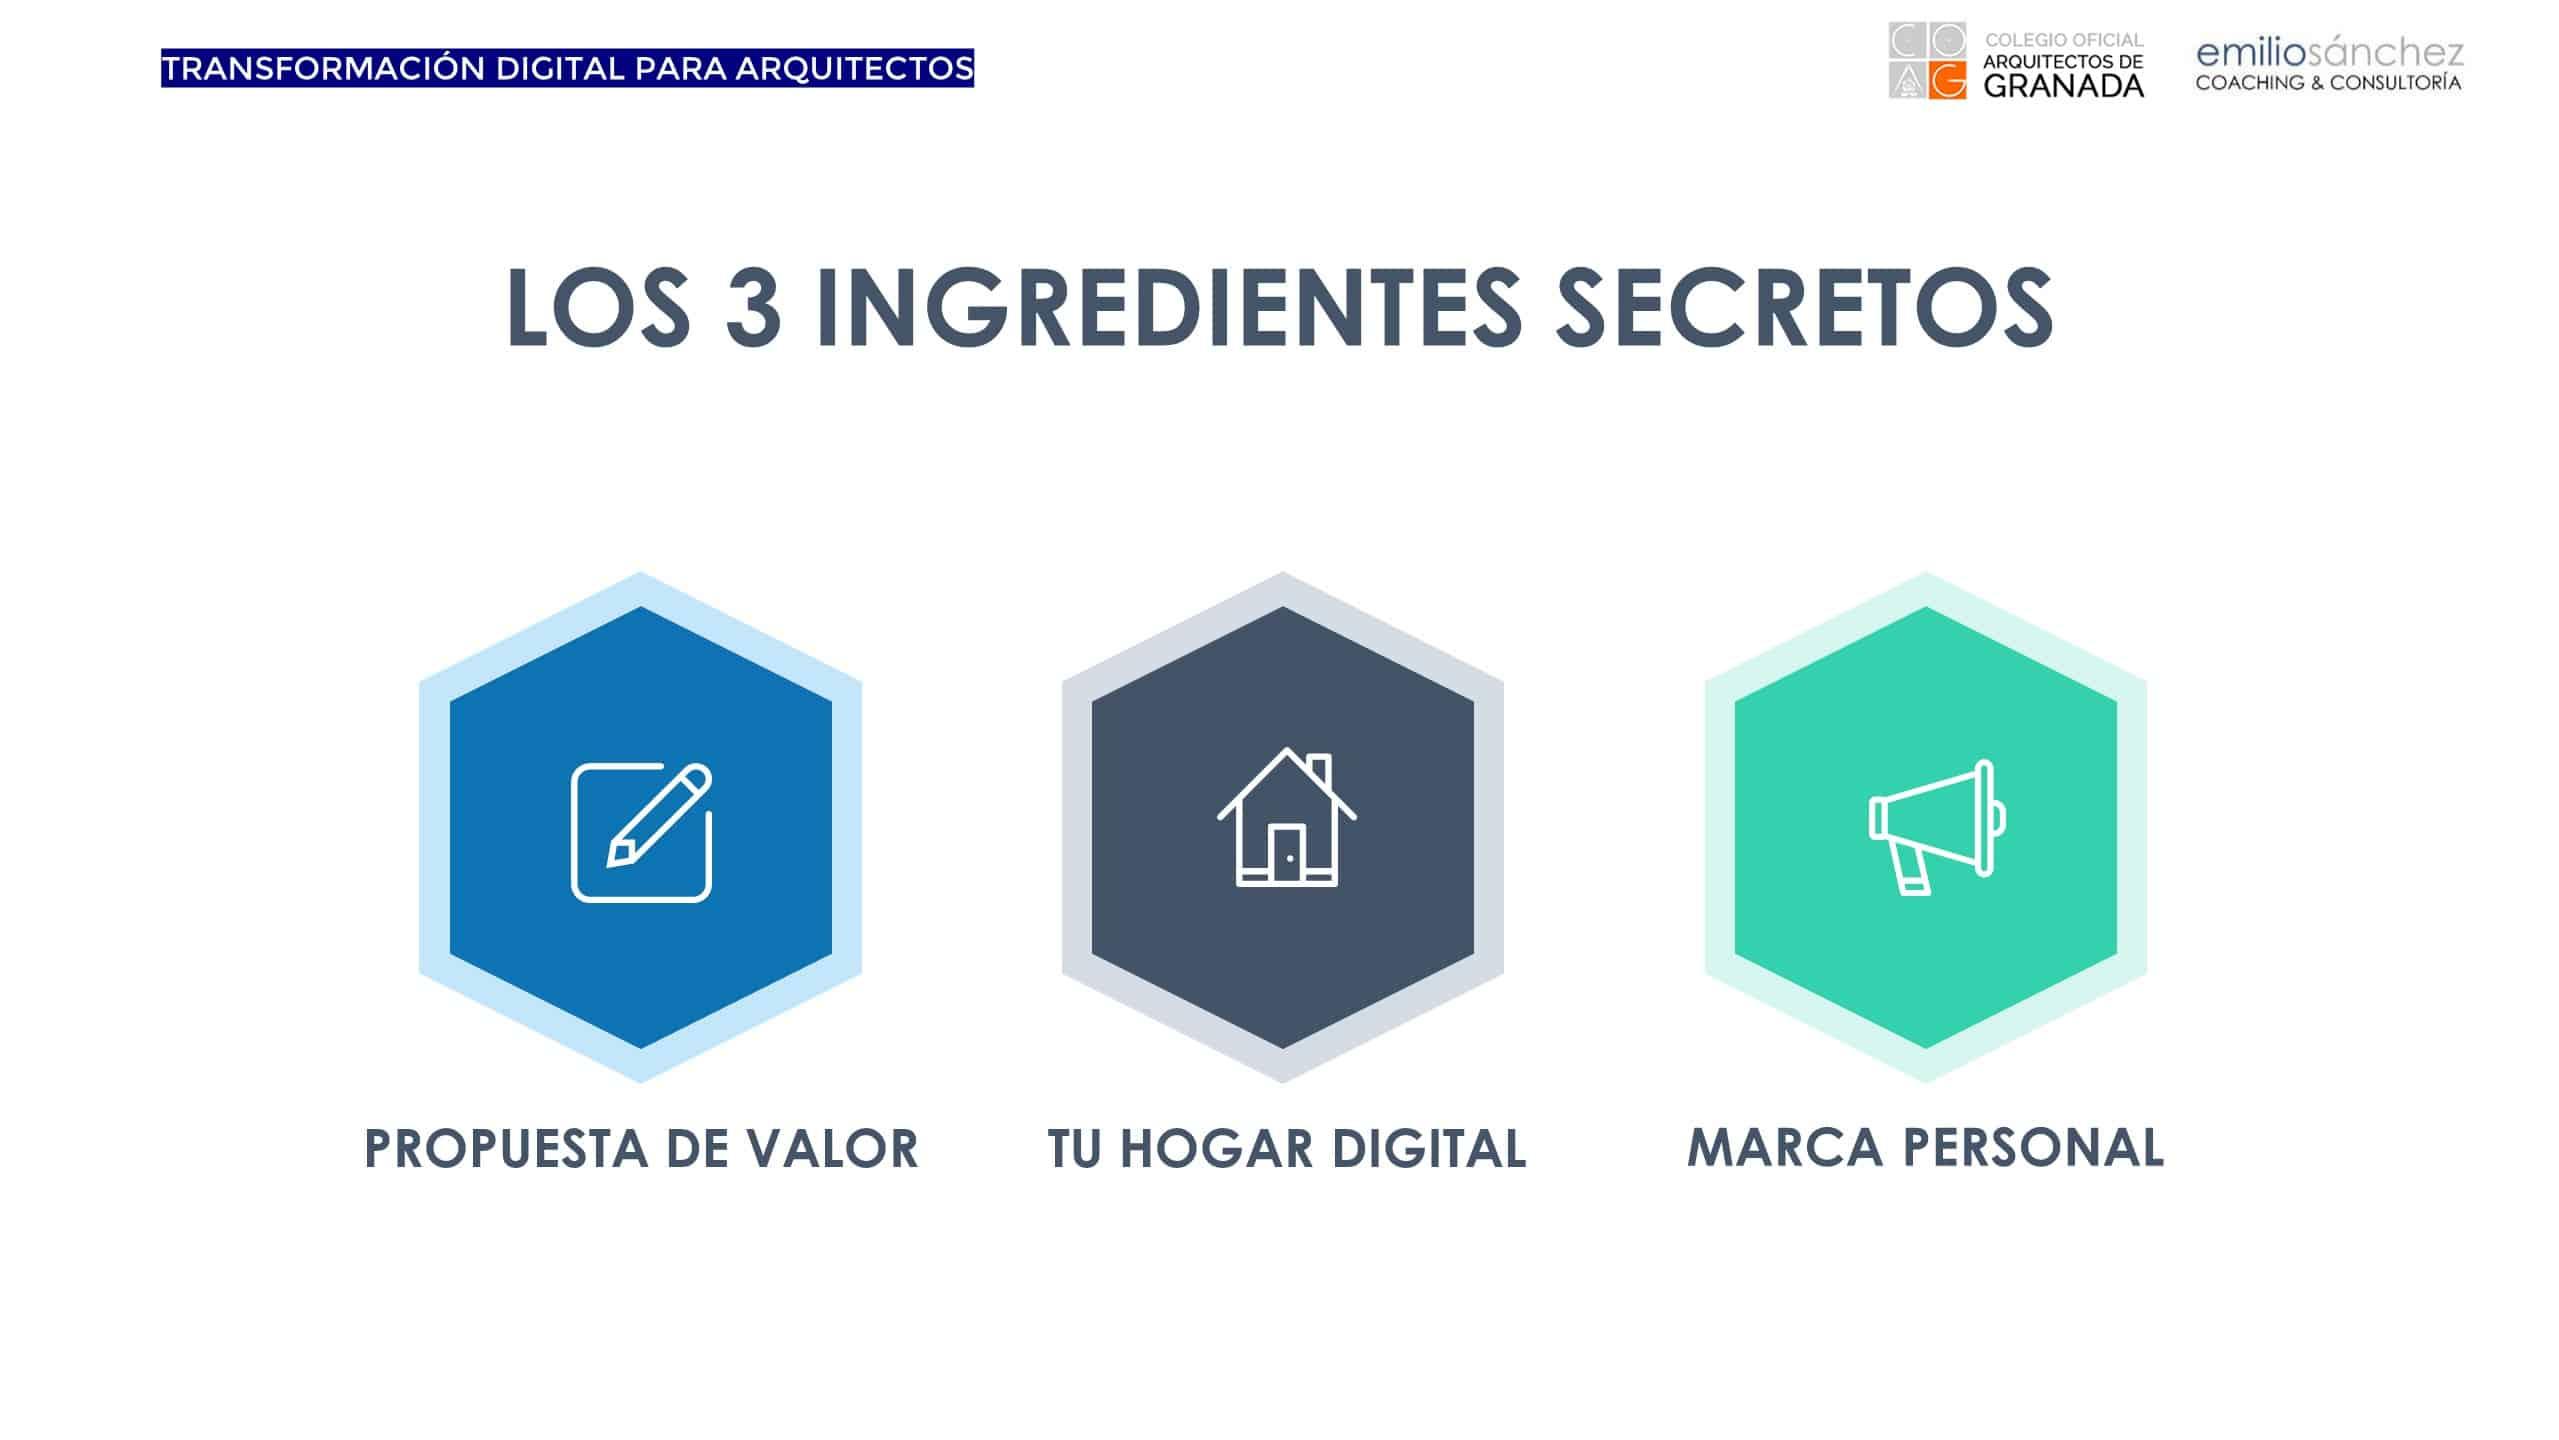 ingredientes secretos de la transformación digital